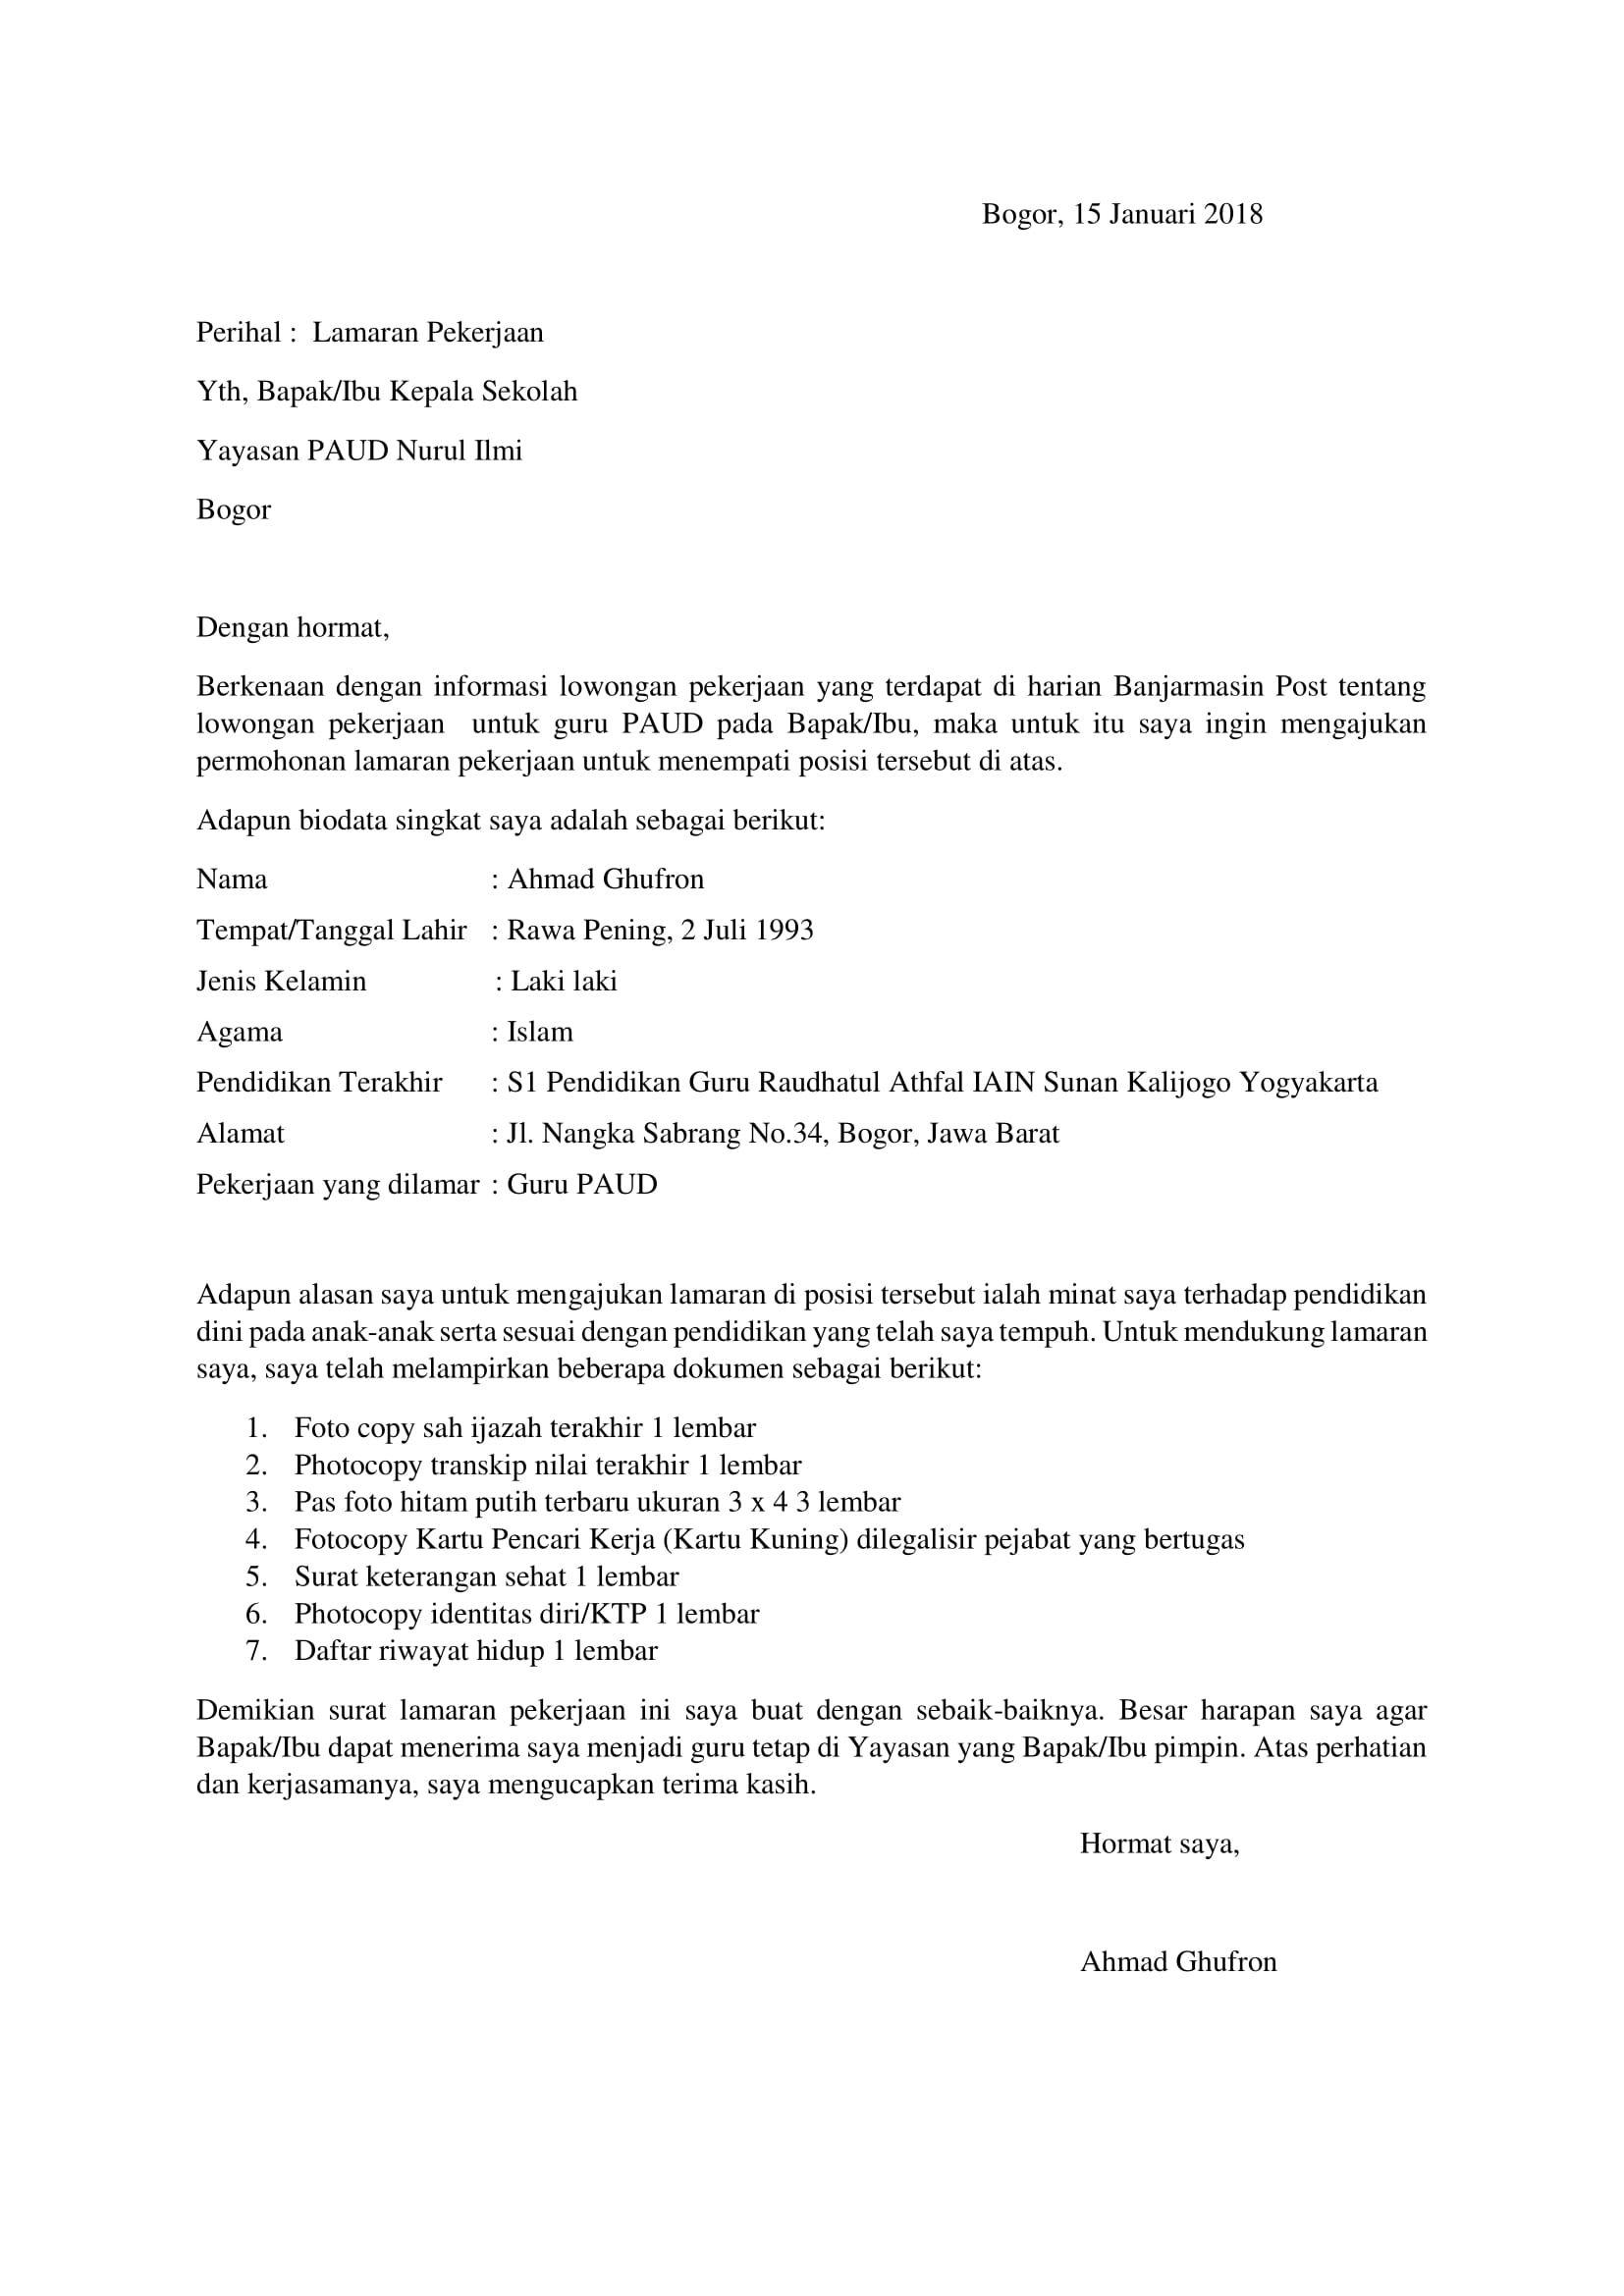 Contoh Surat Lamaran Kerja Jadi Guru Paud Id Lif Co Id